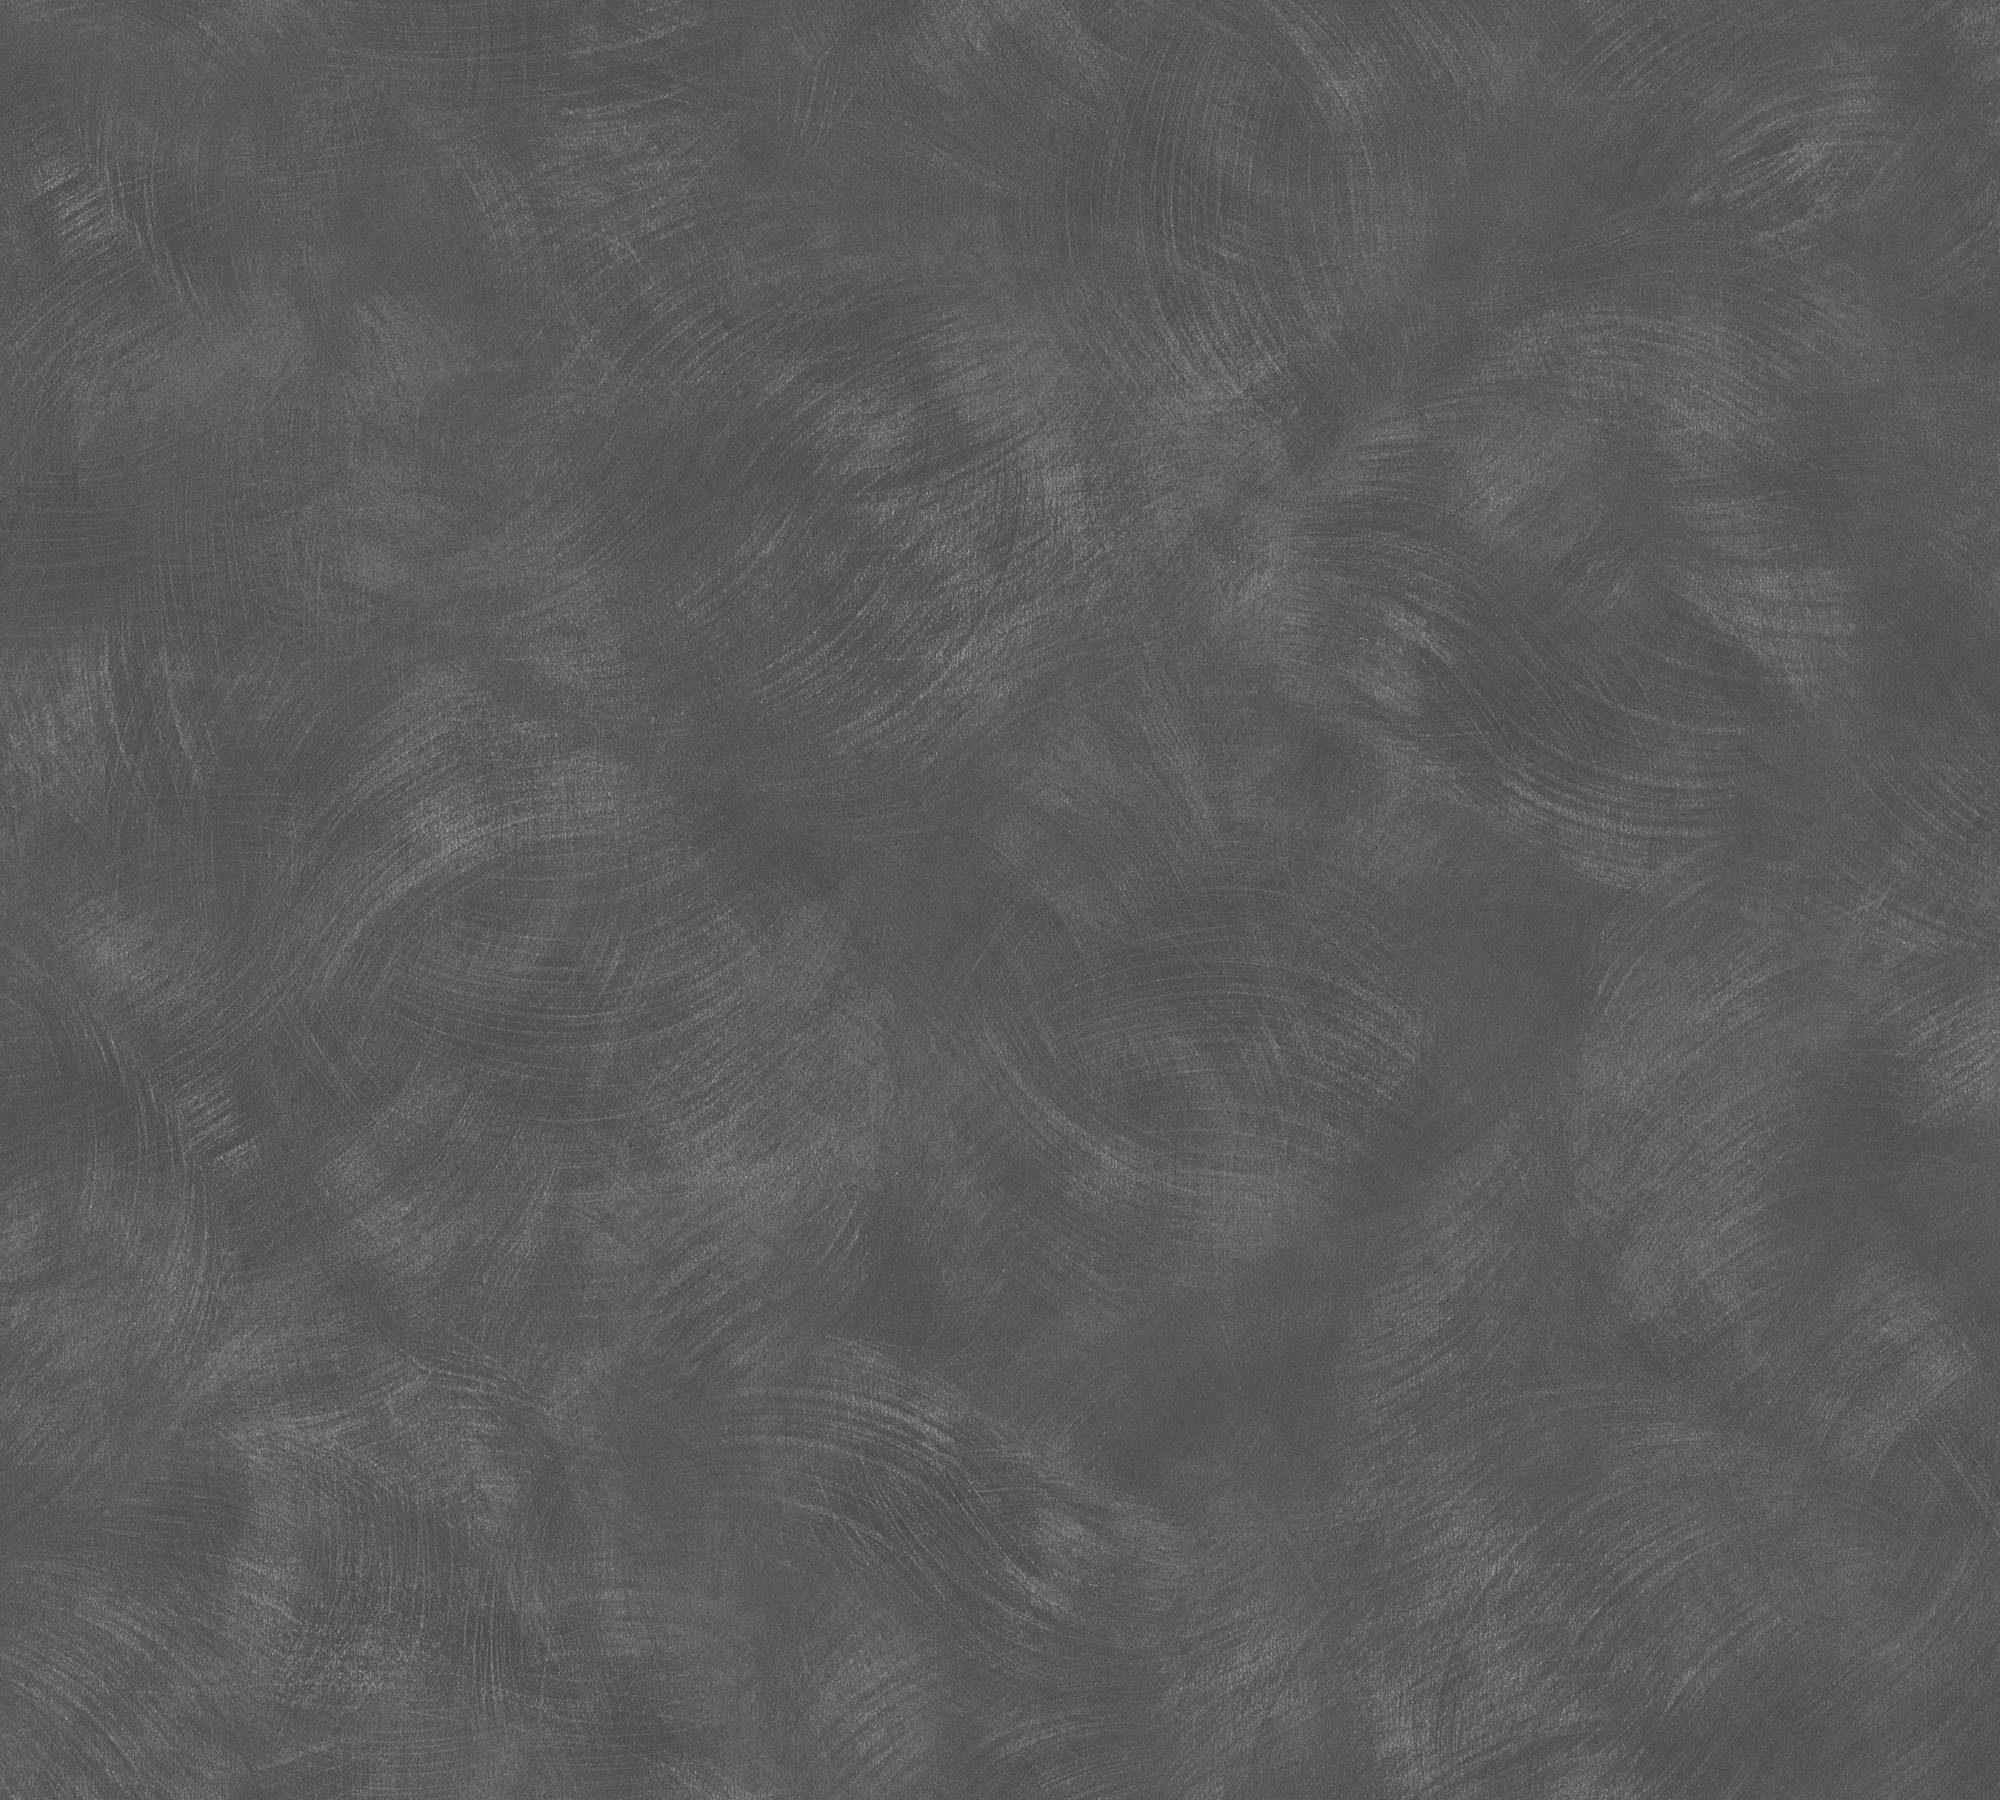 Vliestapete, living walls, »Unitapete Materials«, glatte Oberfläche leicht glänzend